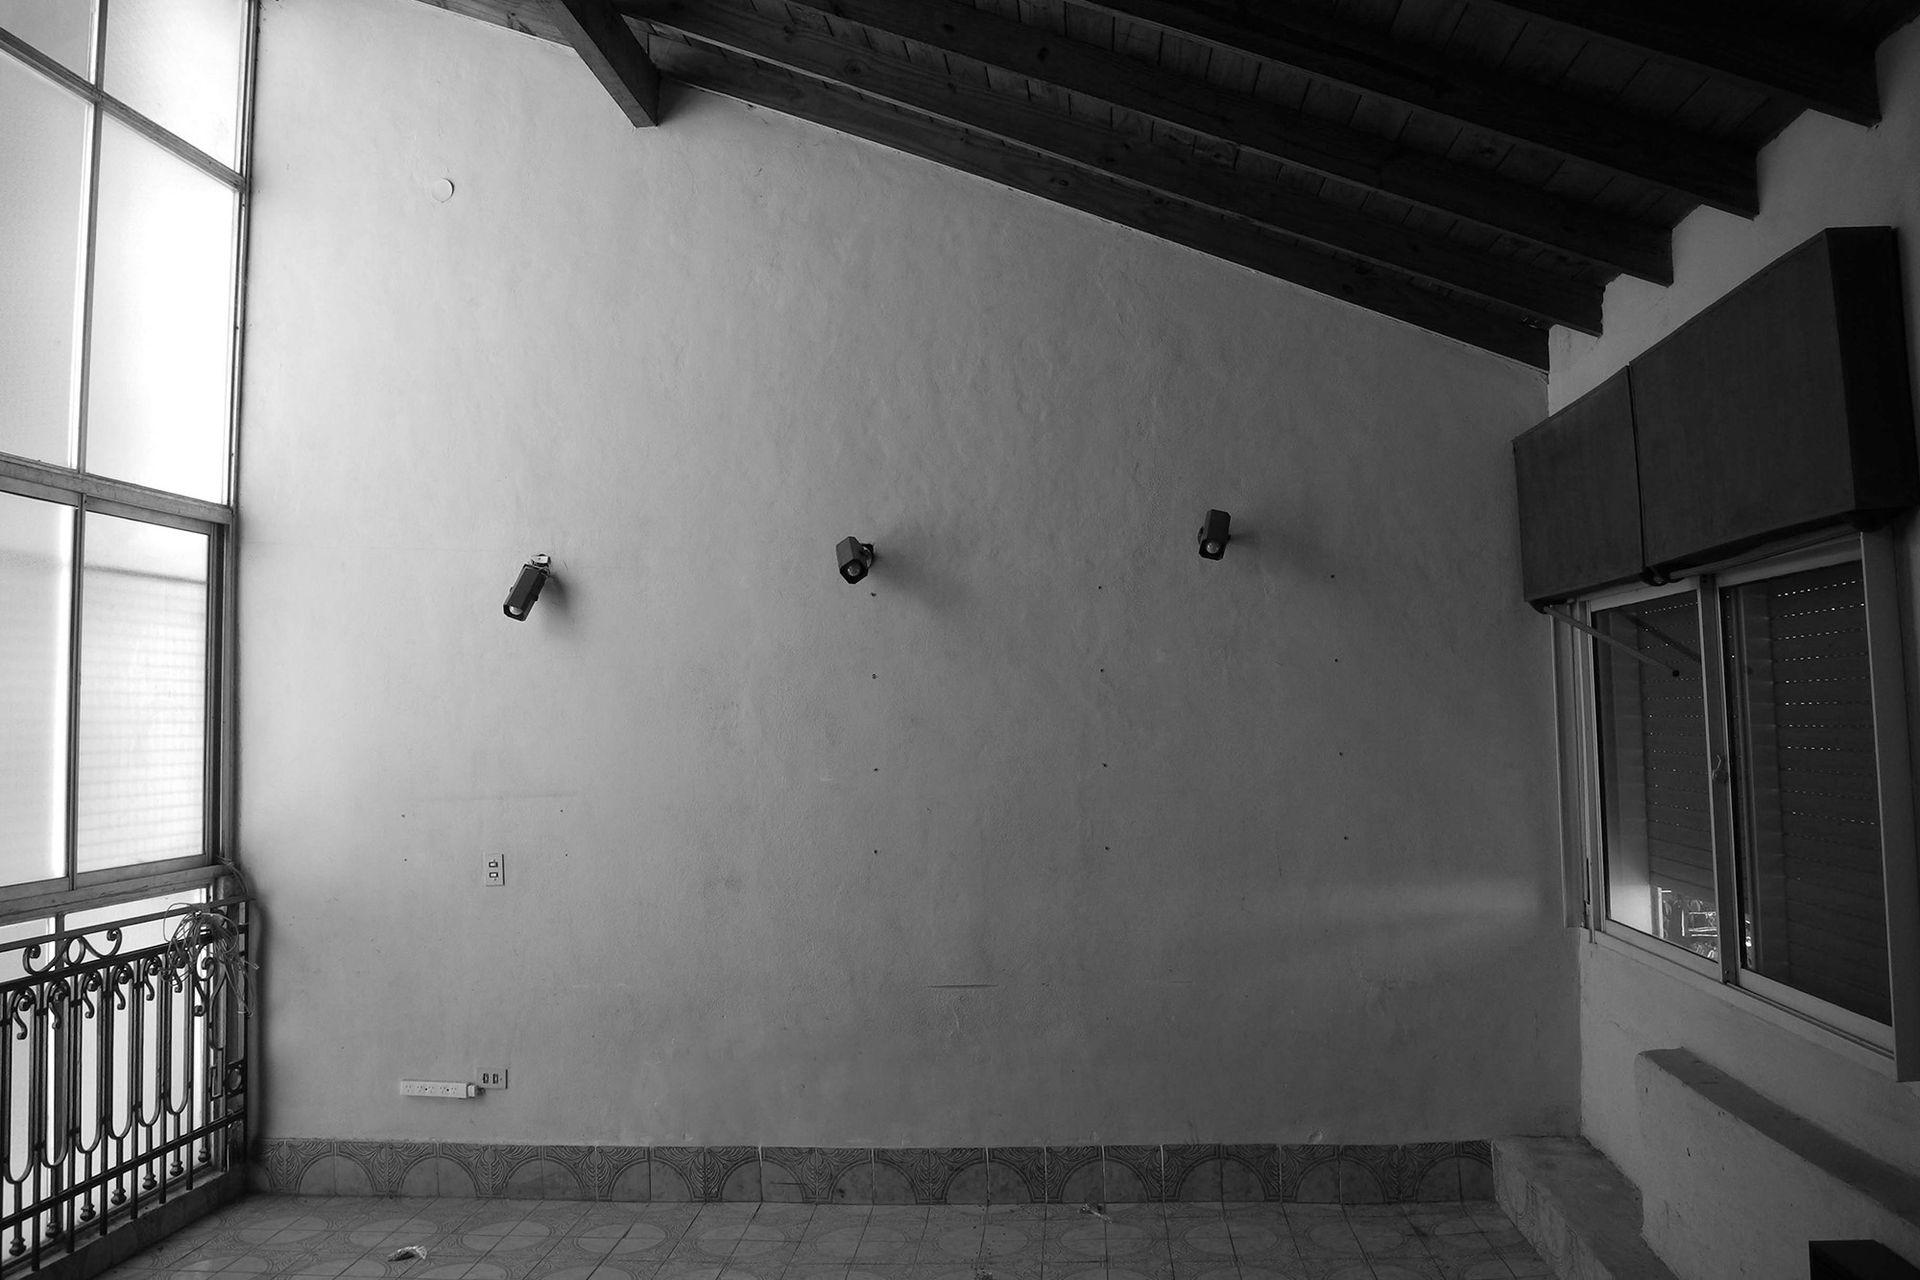 ANTES: El primer piso estaba destinado a los dormitorios. Eran cuartos cerrados con techo de madera inclinado.